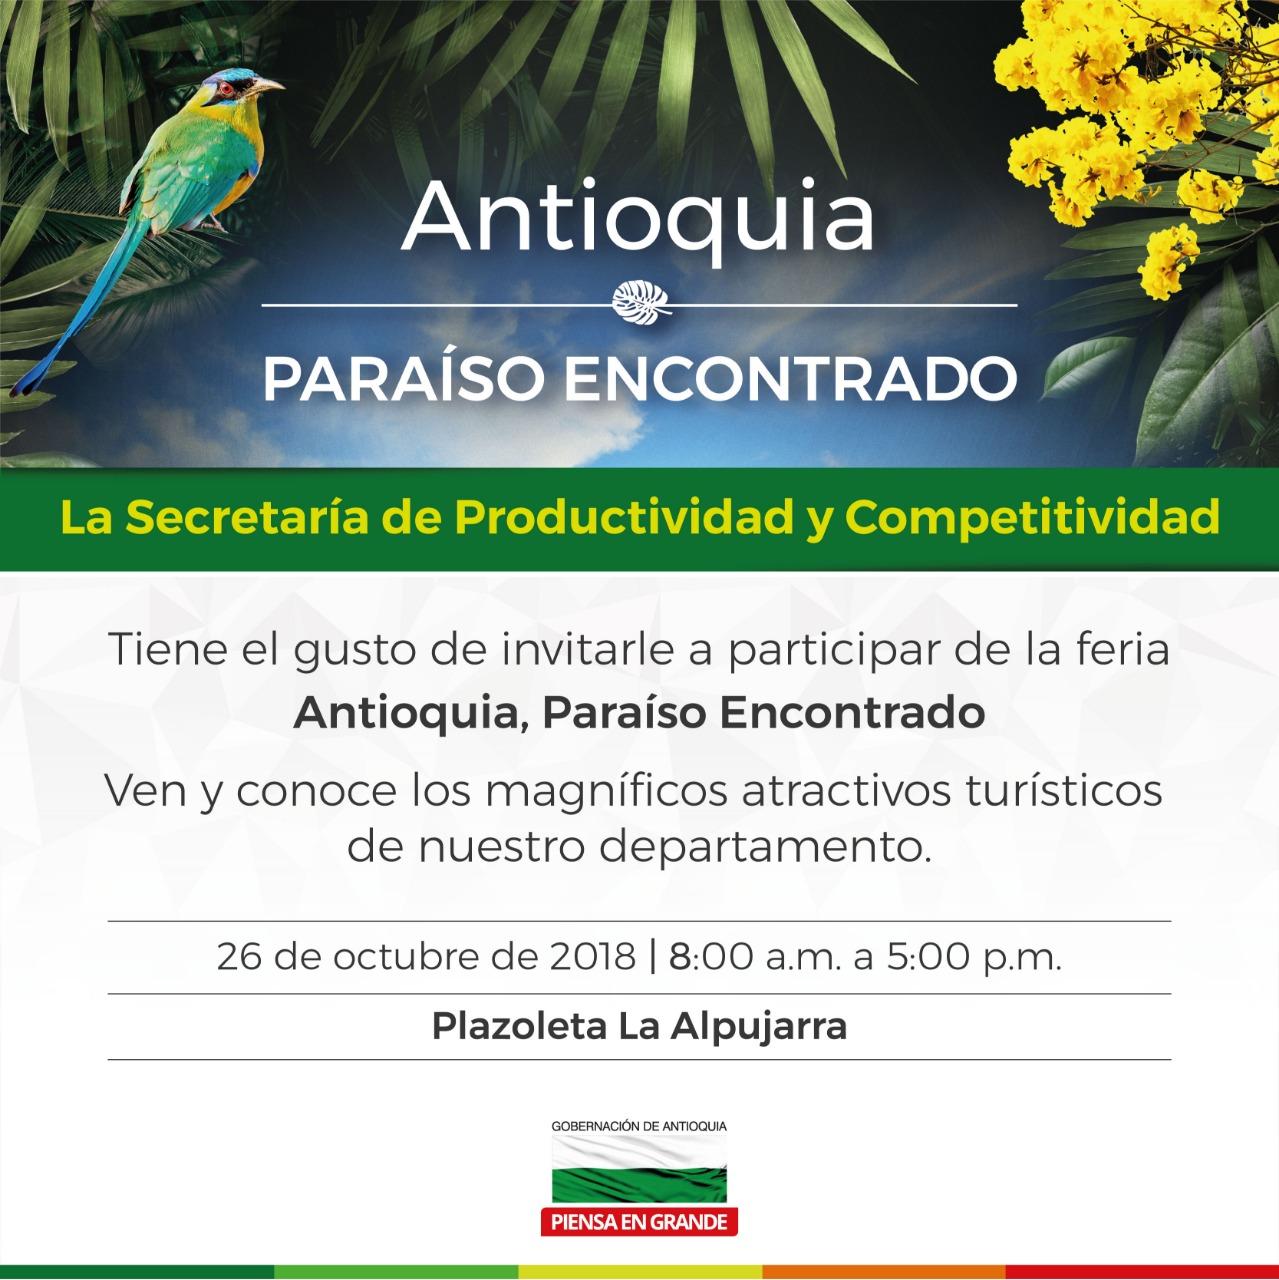 Antioquia, Paraíso Encontrado